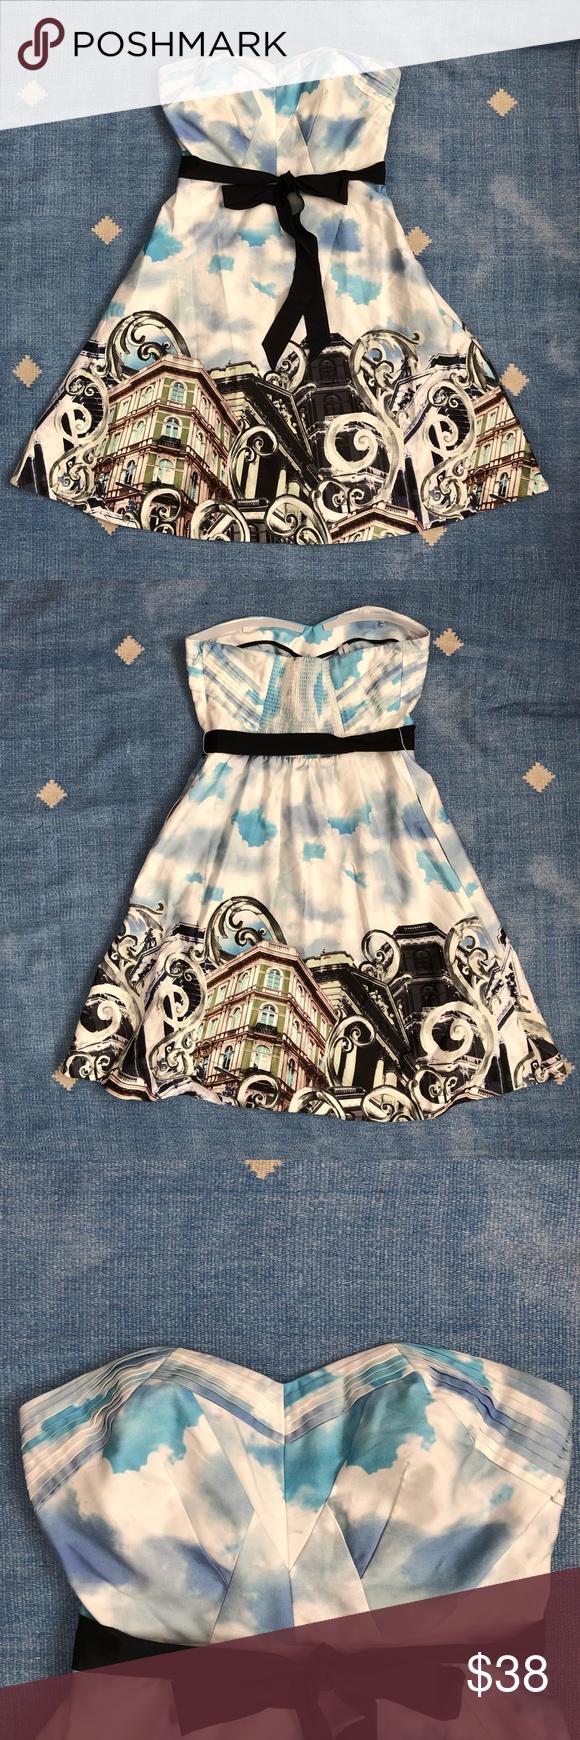 a0b77f09d92e8 Anthropologie skyward dress sz 8 moulinette soeirs Pretty Anthropologie  dress by Moulinette Soeurs. Strapless,